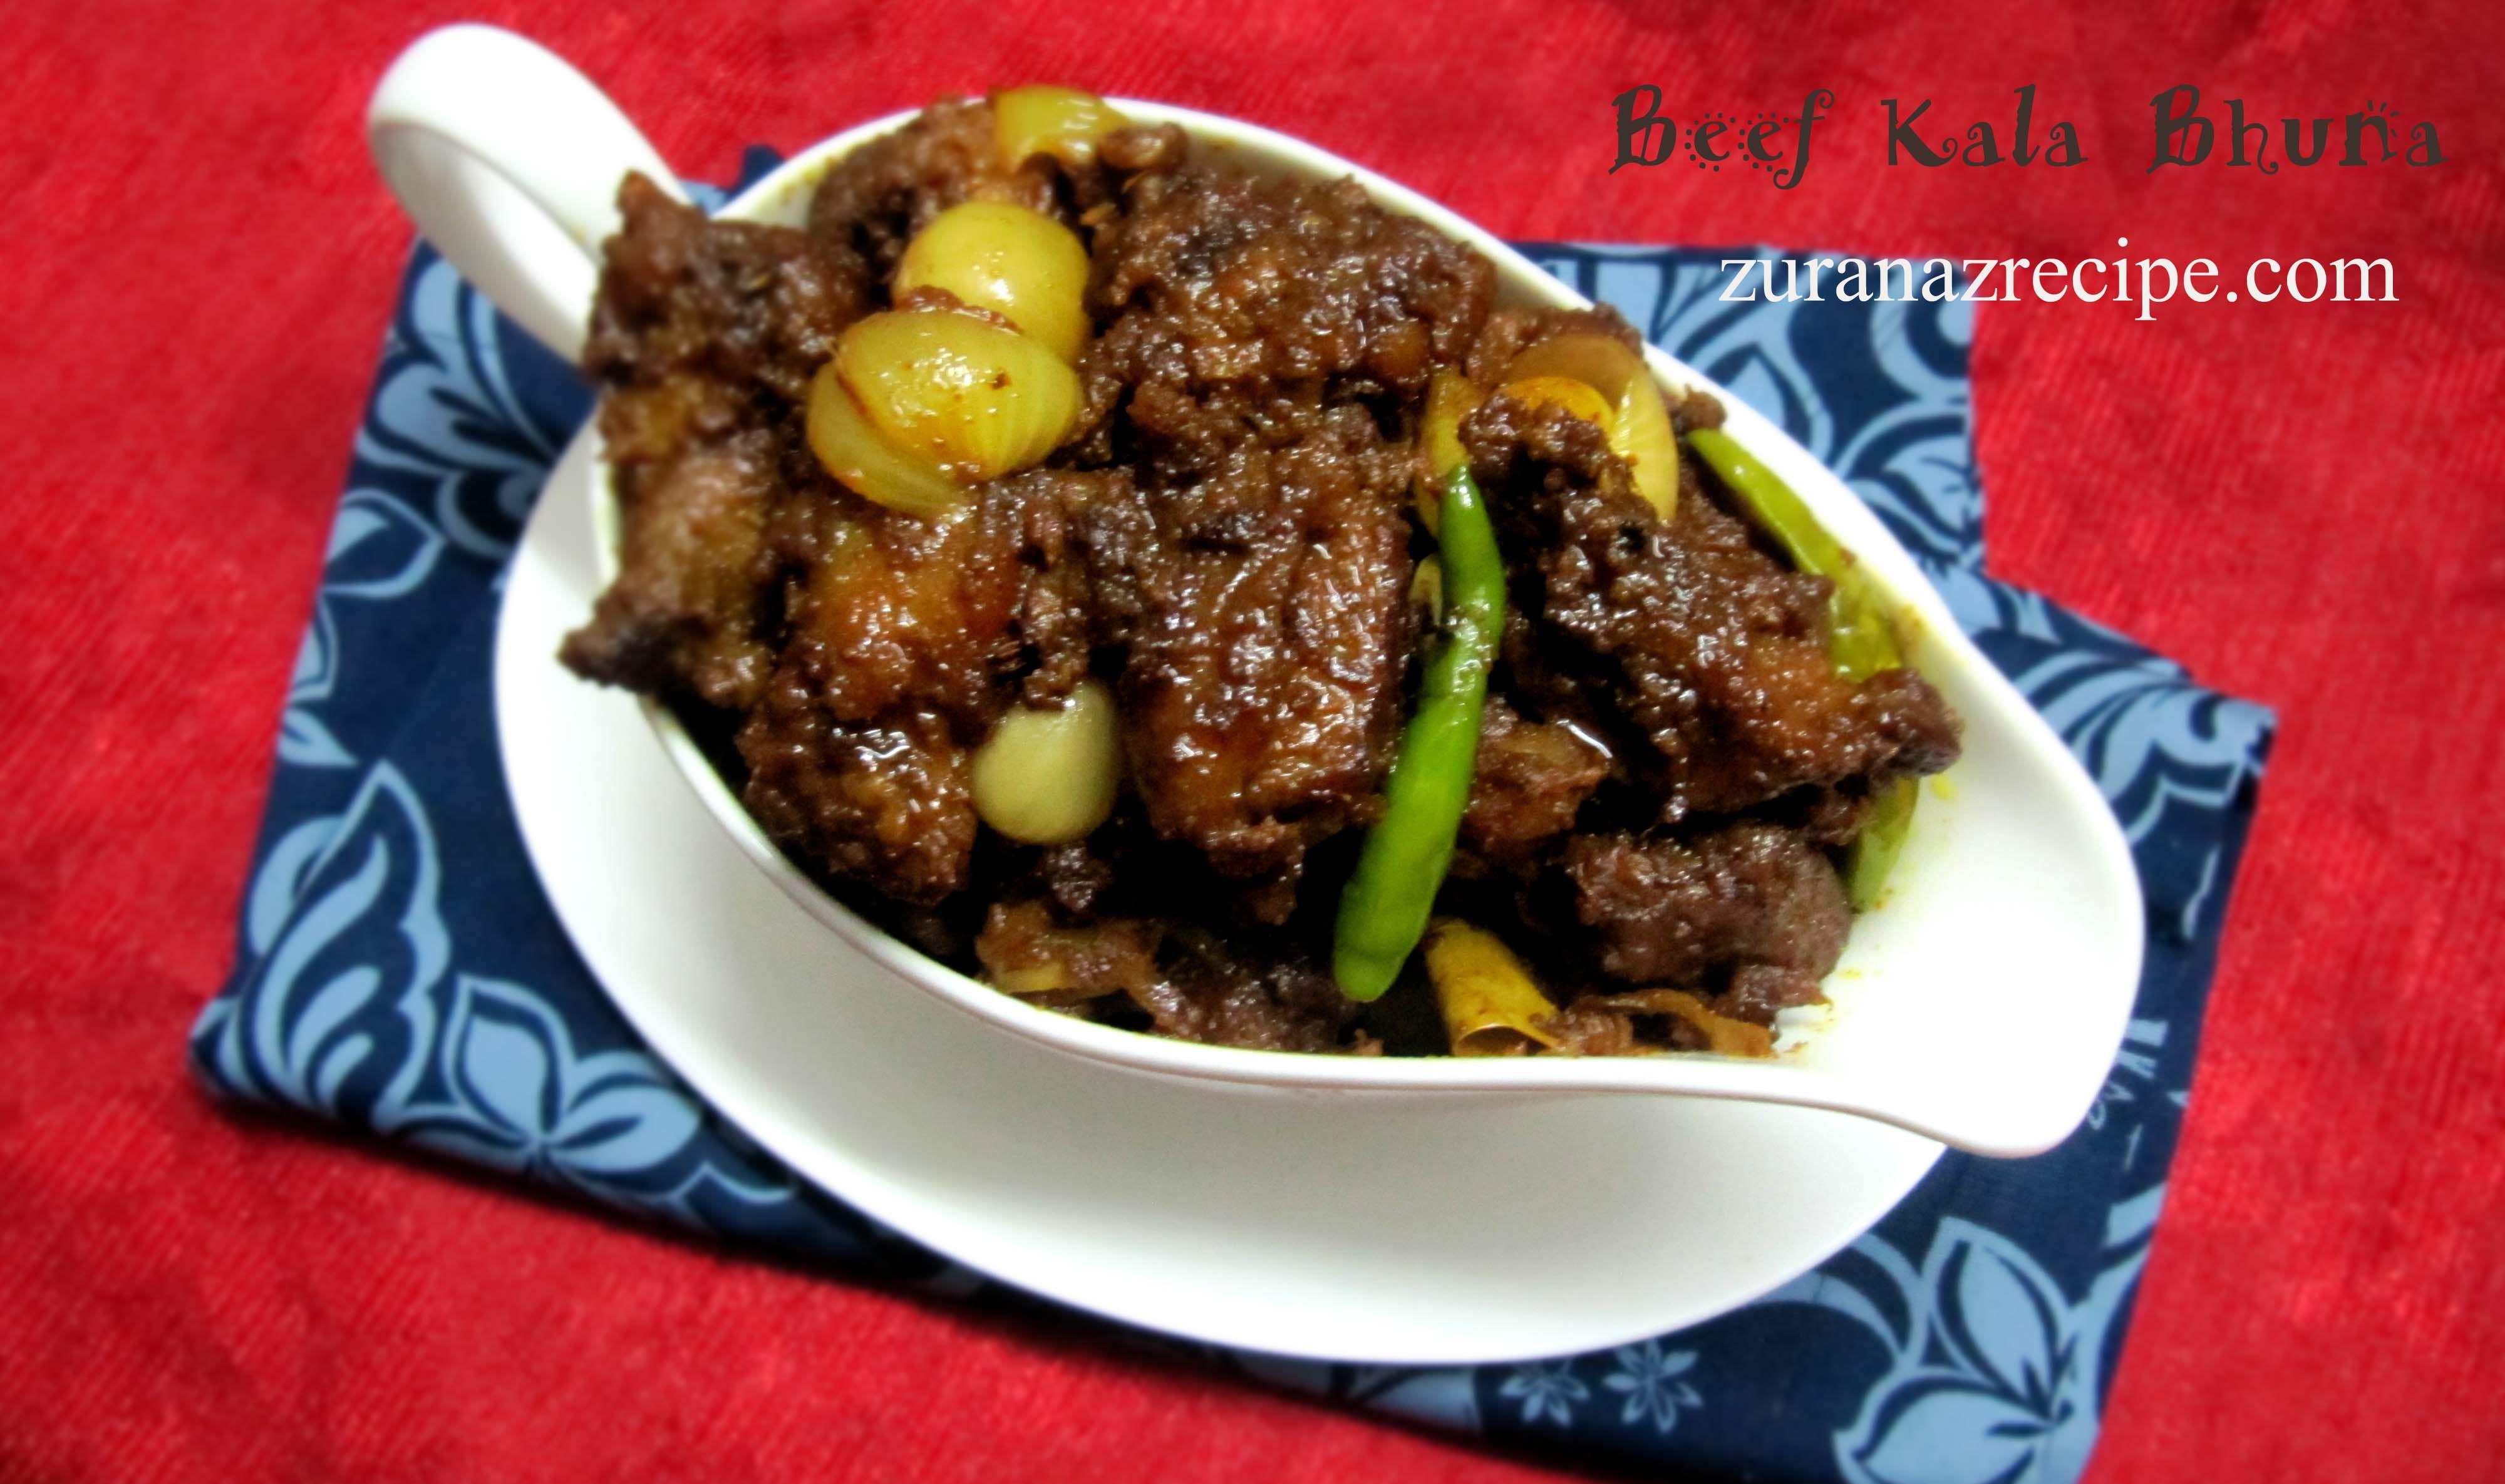 Beef kala vuna bangladeshi beef kalo bhuna recipe bangla beef kala vuna bangladeshi beef kalo bhuna recipe bangla bangladeshi bengali food forumfinder Gallery